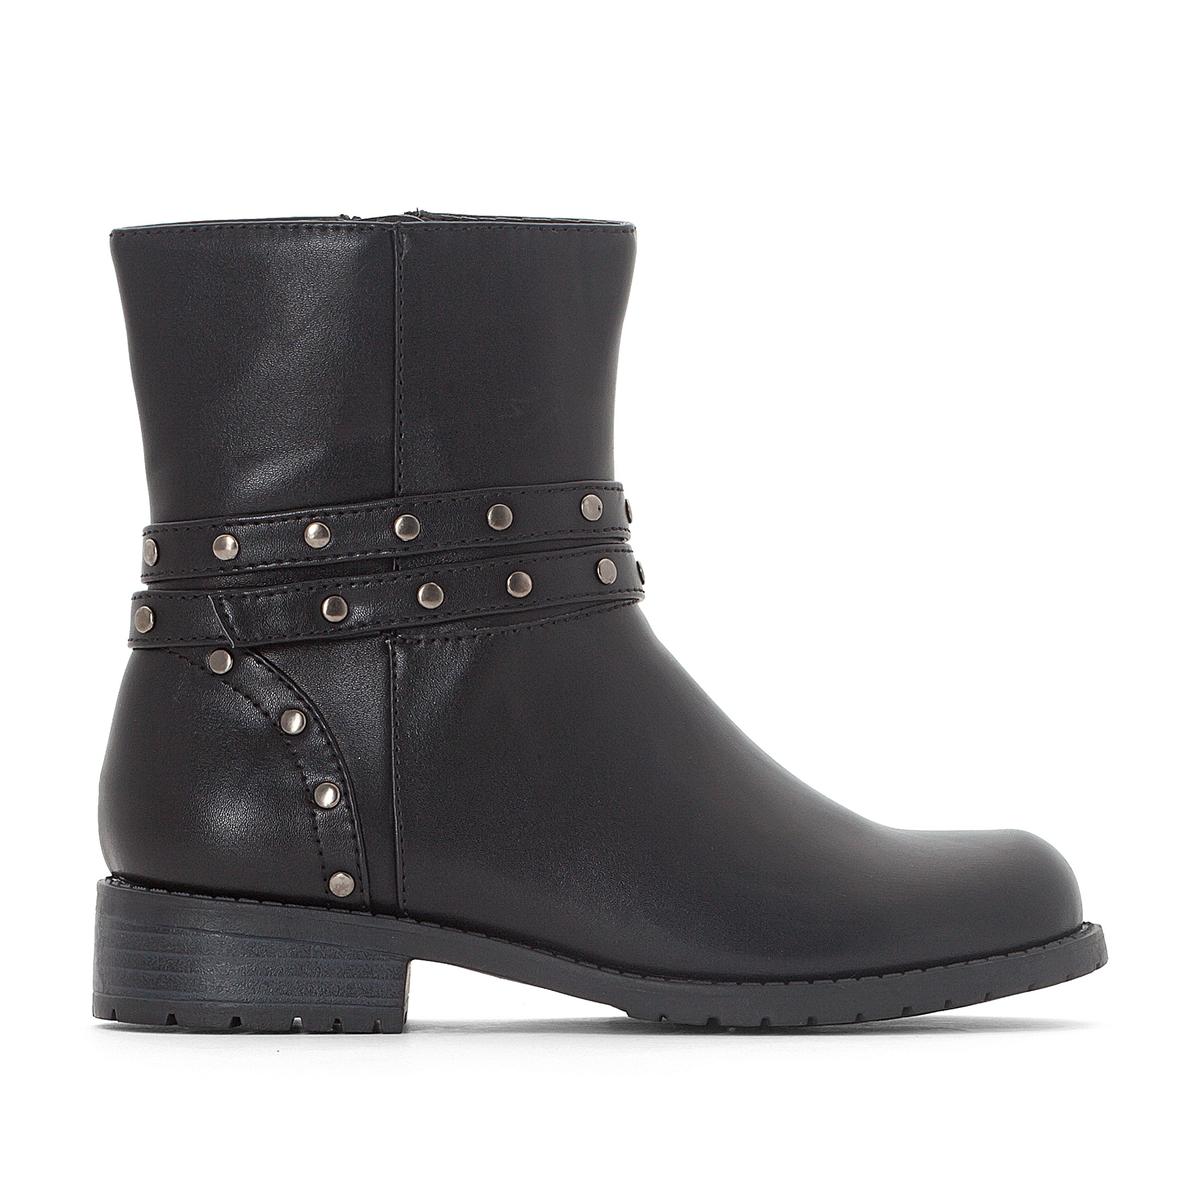 Ботинки в байкерском стиле